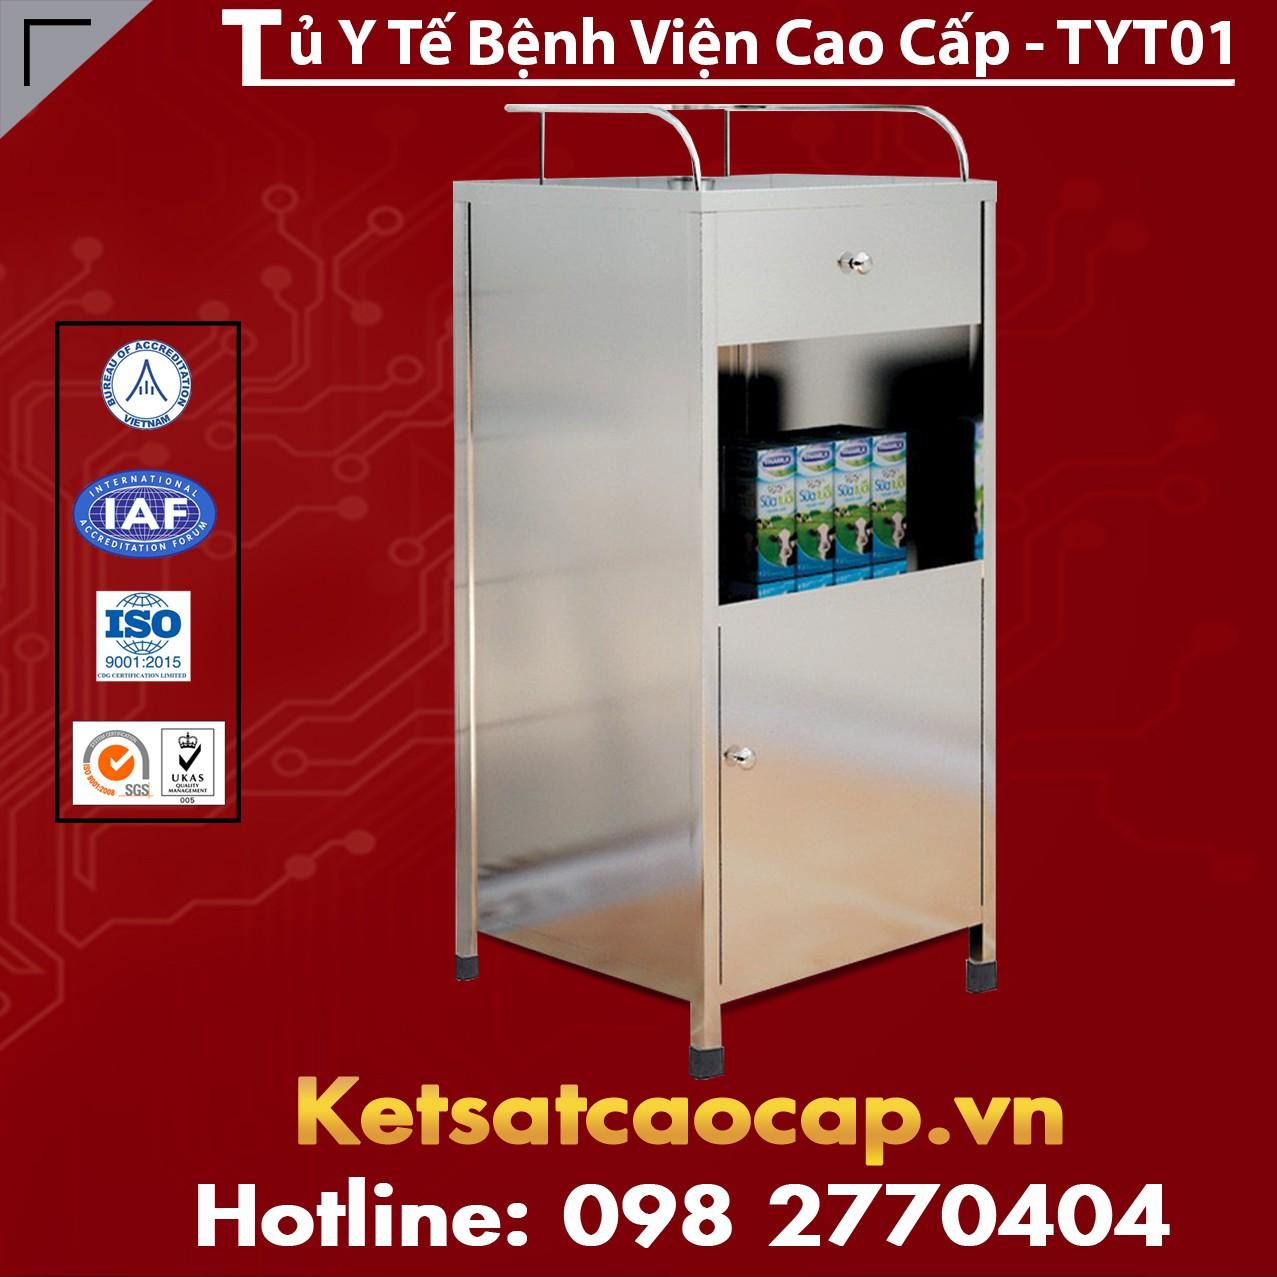 Tủ Y Tế Bệnh Viện - TYT01